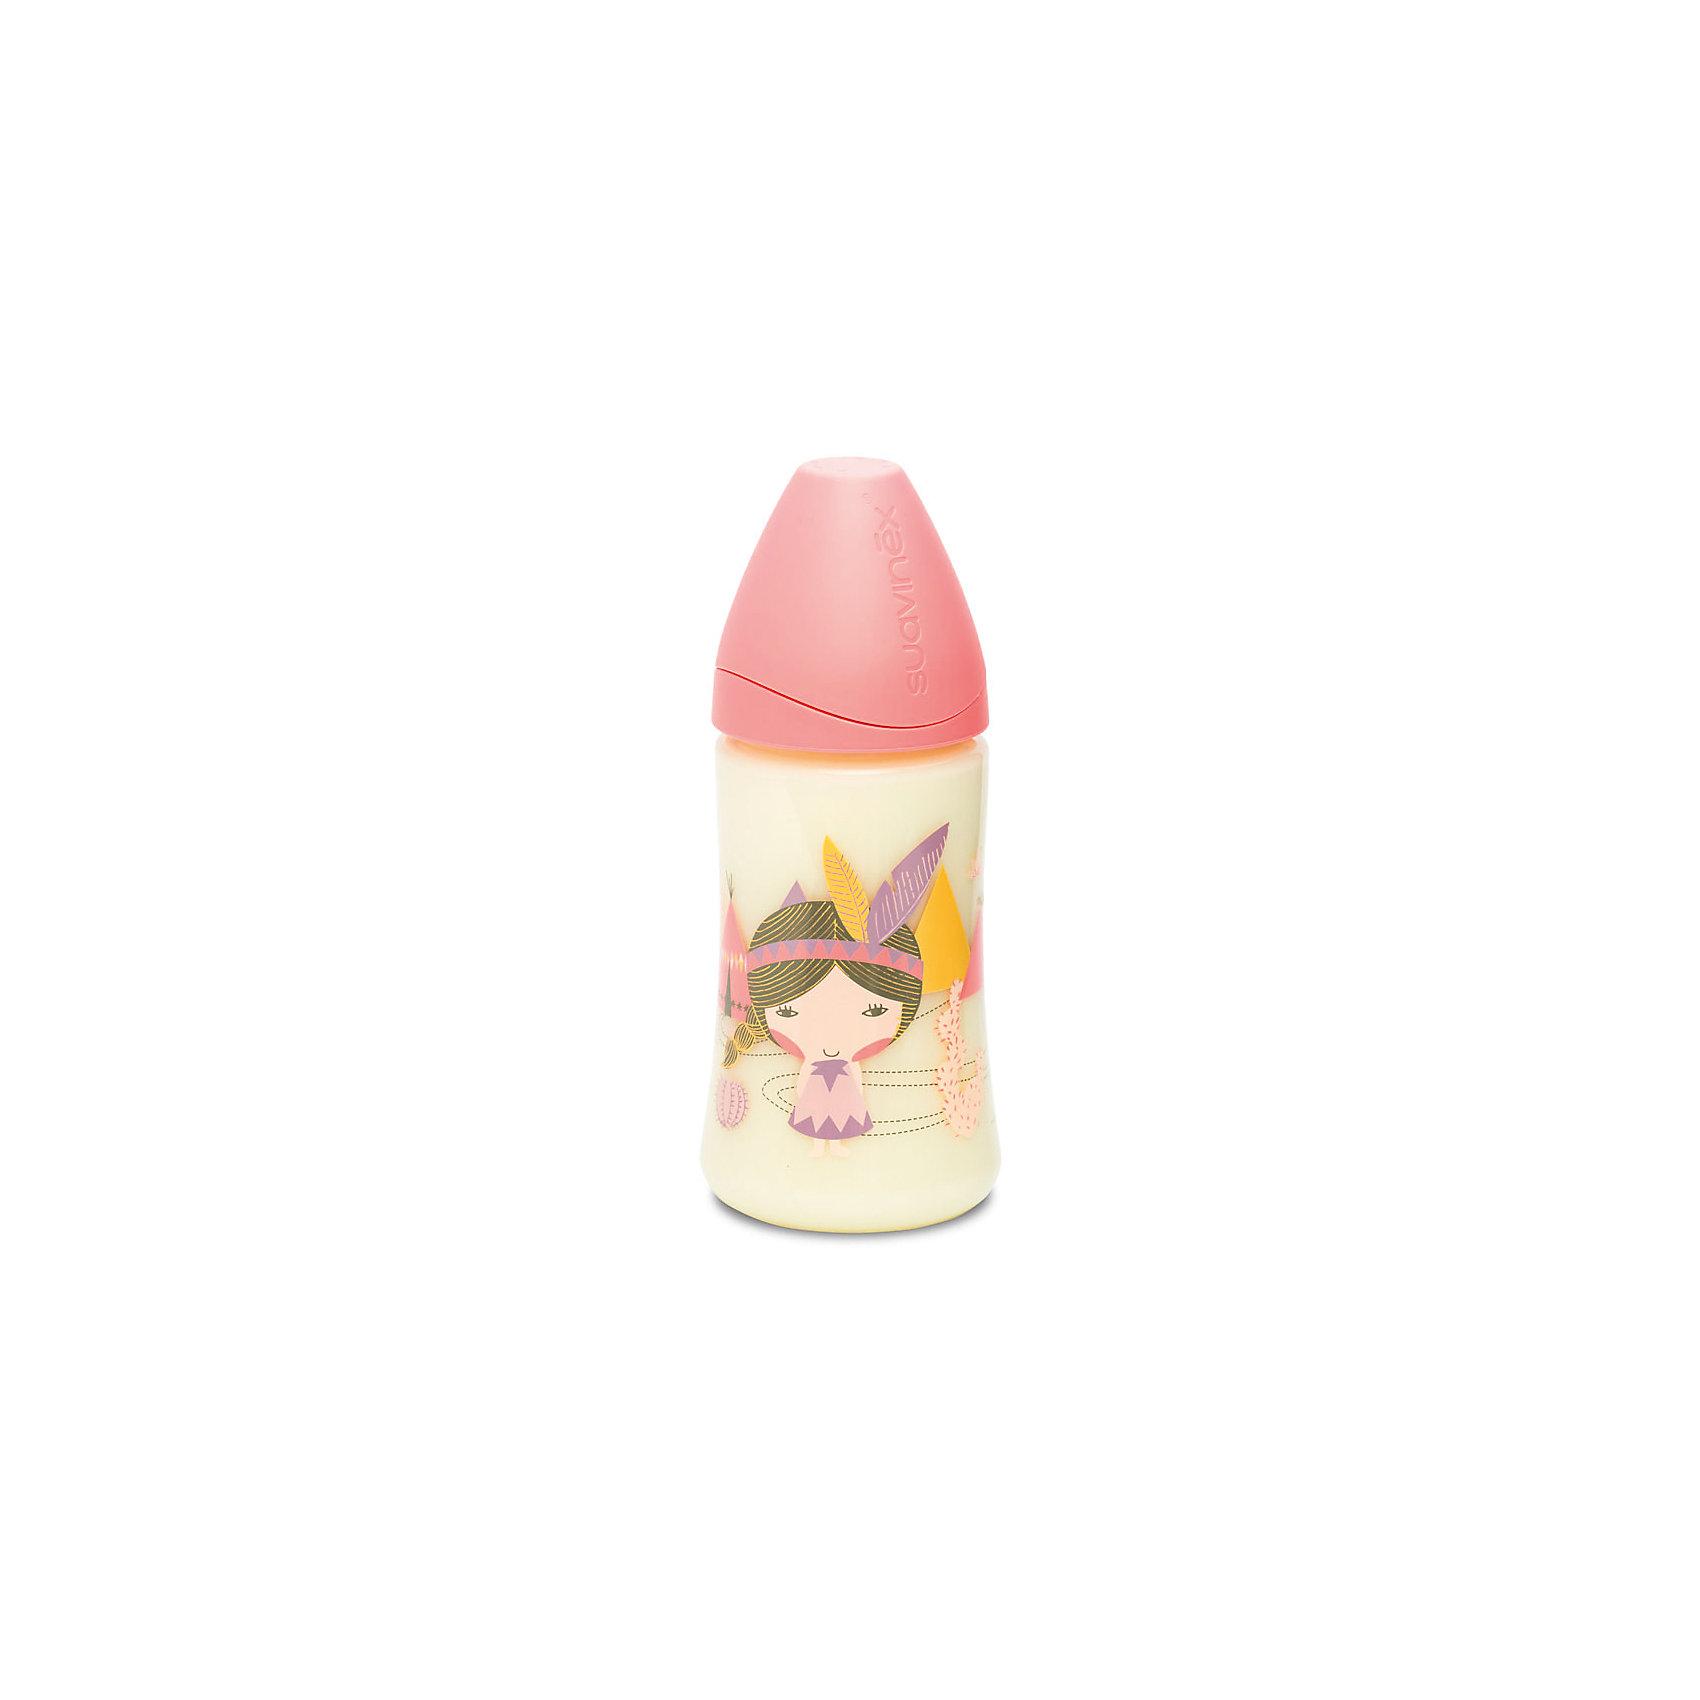 Бутылка 270мл от 0мес с соской 3потока, Suavinex, розовый индеецБутылочки и аксессуары<br>Характеристики:<br><br>• Наименование: бутылка для кормления<br>• Рекомендуемый возраст: от 0 месяцев<br>• Пол: для девочки<br>• Объем: 270 мл<br>• Материал: латекс, пластик<br>• Цвет: розовый, коричневый, оранжевый<br>• Рисунок: индеец<br>• Форма соски: физиологическая<br>• Поток у соски: 3 уровня<br>• Комплектация: бутылочка, соска, колпачок<br>• Наличие антиколикового клапана<br>• Регулировка потока<br>• Горлышко бутылки адаптировано под любую форму соски данного производителя<br>• Вес: 105 г<br>• Параметры (Д*Ш*В): 7*7*17,3 см <br>• Особенности ухода: регулярная стерилизация и своевременная замена<br><br>Бутылка 270 мл от 0 мес с соской 3 потока, Suavinex, розовый индеец изготовлена испанским торговым брендом, специализирующимся на выпуске товаров для кормления новорожденных и младенцев. Продукция от Suavinex разработана с учетом рекомендаций педиатров и стоматологов, что гарантирует не только качество и безопасность использованных материалов, но и обеспечивает правильное формирование неба. <br><br>Бутылочка выполнена с широким горлышком, что облегчает уход за ней. Латексная соска классической формы длительное время сохраняет свои свойства: не рассасывается и не слипается во время кормления. У соски предусмотрено три потока: от медленного до быстрого. <br><br>Выполнена бутылка в брендовом дизайне с изображением индейца. Рисунок устойчив к появлениям царапин и выгоранию цвета даже при частой стерилизации. Бутылка 270 мл от 0 мес с соской 3 потока, Suavinex, розовый индеец станет непревзойденным аксессуаром для кормления вашего малыша.<br><br>Бутылку 270 мл от 0 мес с соской 3 потока, Suavinex, розовый индеец можно купить в нашем интернет-магазине.<br><br>Ширина мм: 70<br>Глубина мм: 70<br>Высота мм: 173<br>Вес г: 105<br>Возраст от месяцев: 0<br>Возраст до месяцев: 24<br>Пол: Женский<br>Возраст: Детский<br>SKU: 5451280